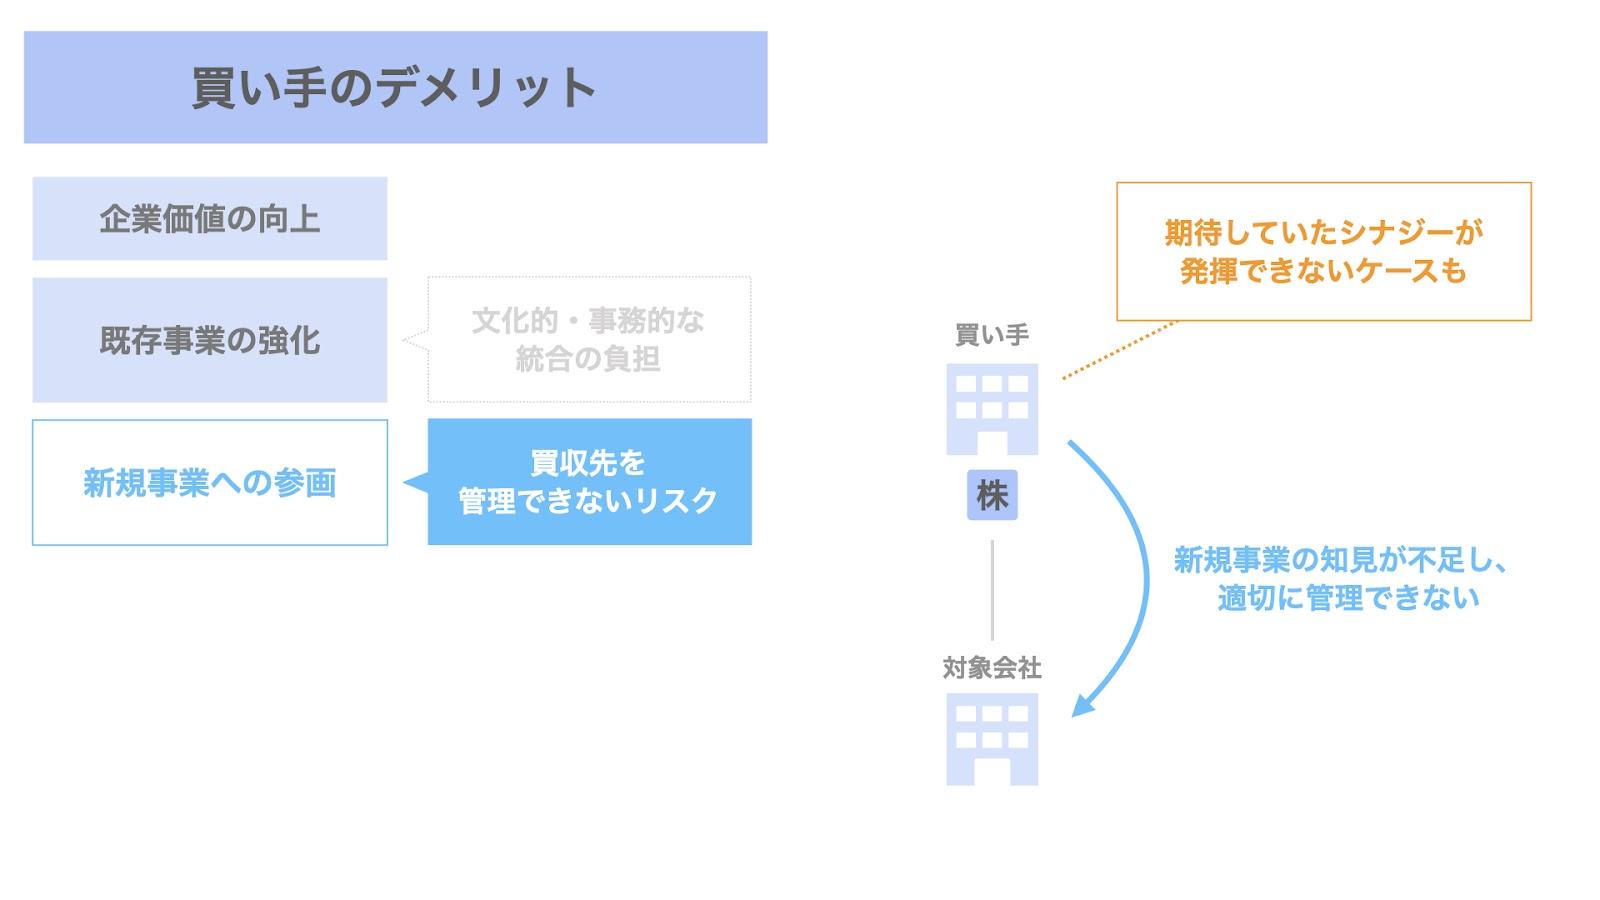 買い手におけるM&Aのデメリット② 新規事業参画のために取得した会社・事業をコントロールできないリスク